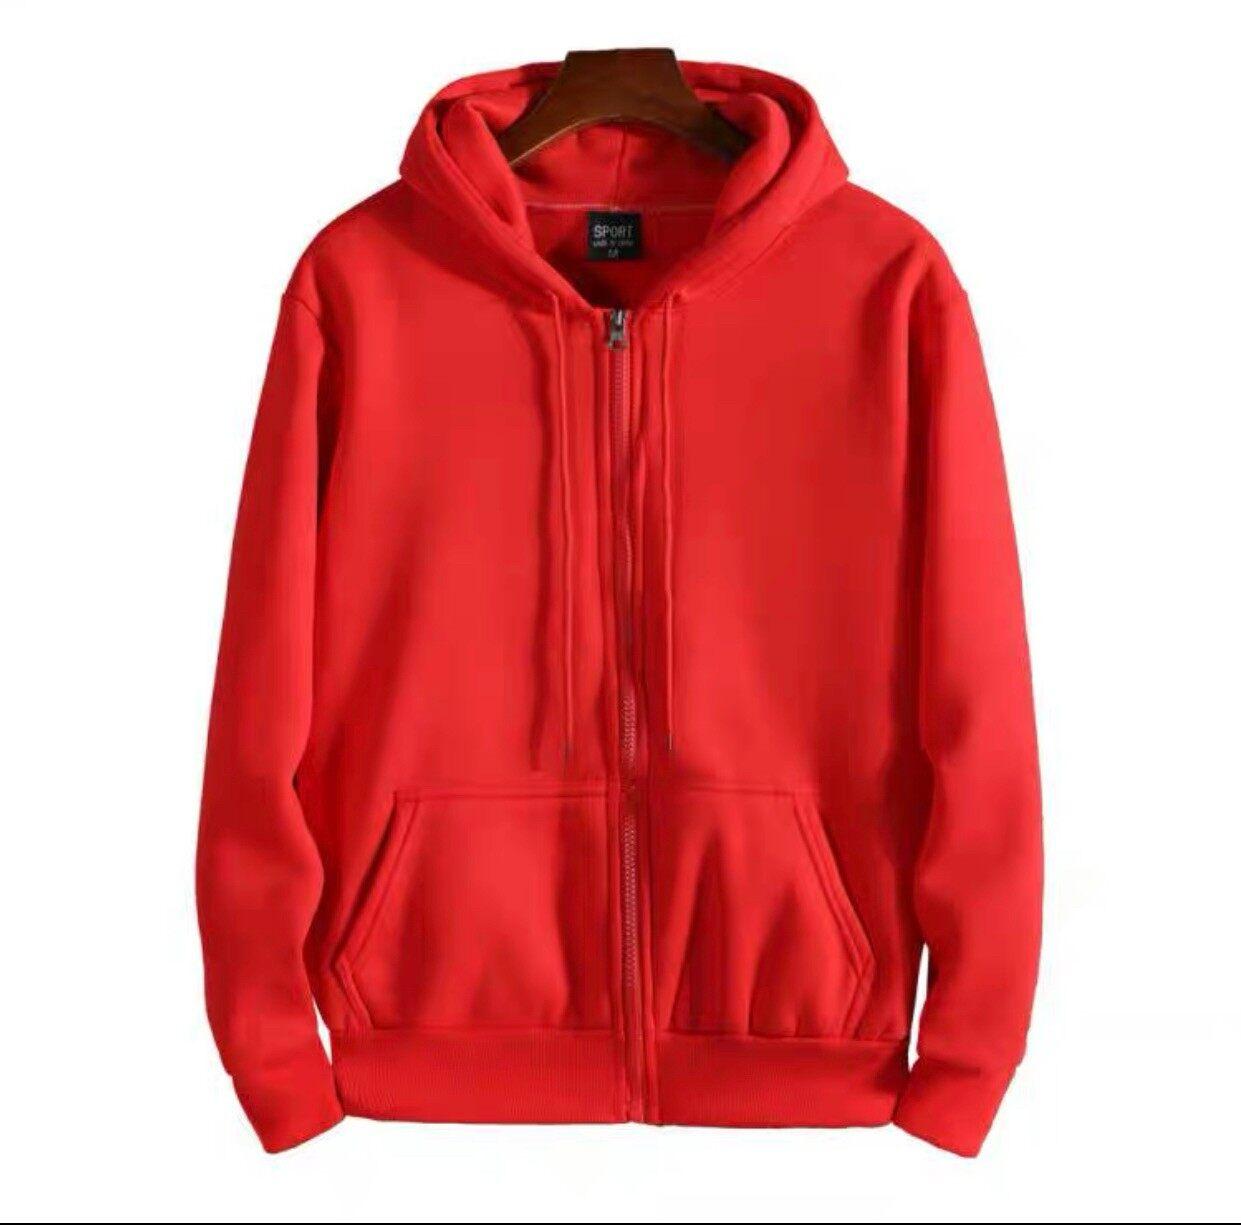 ? สินค้ามาใหม่ เสื้อแจ็คเก็ตมีฮู้ด ผ้าสำลีกันหนาวได้ งานสวยตัดเย็บเนี๊ยบๆ (จ่ายเงินปลายทางได้)